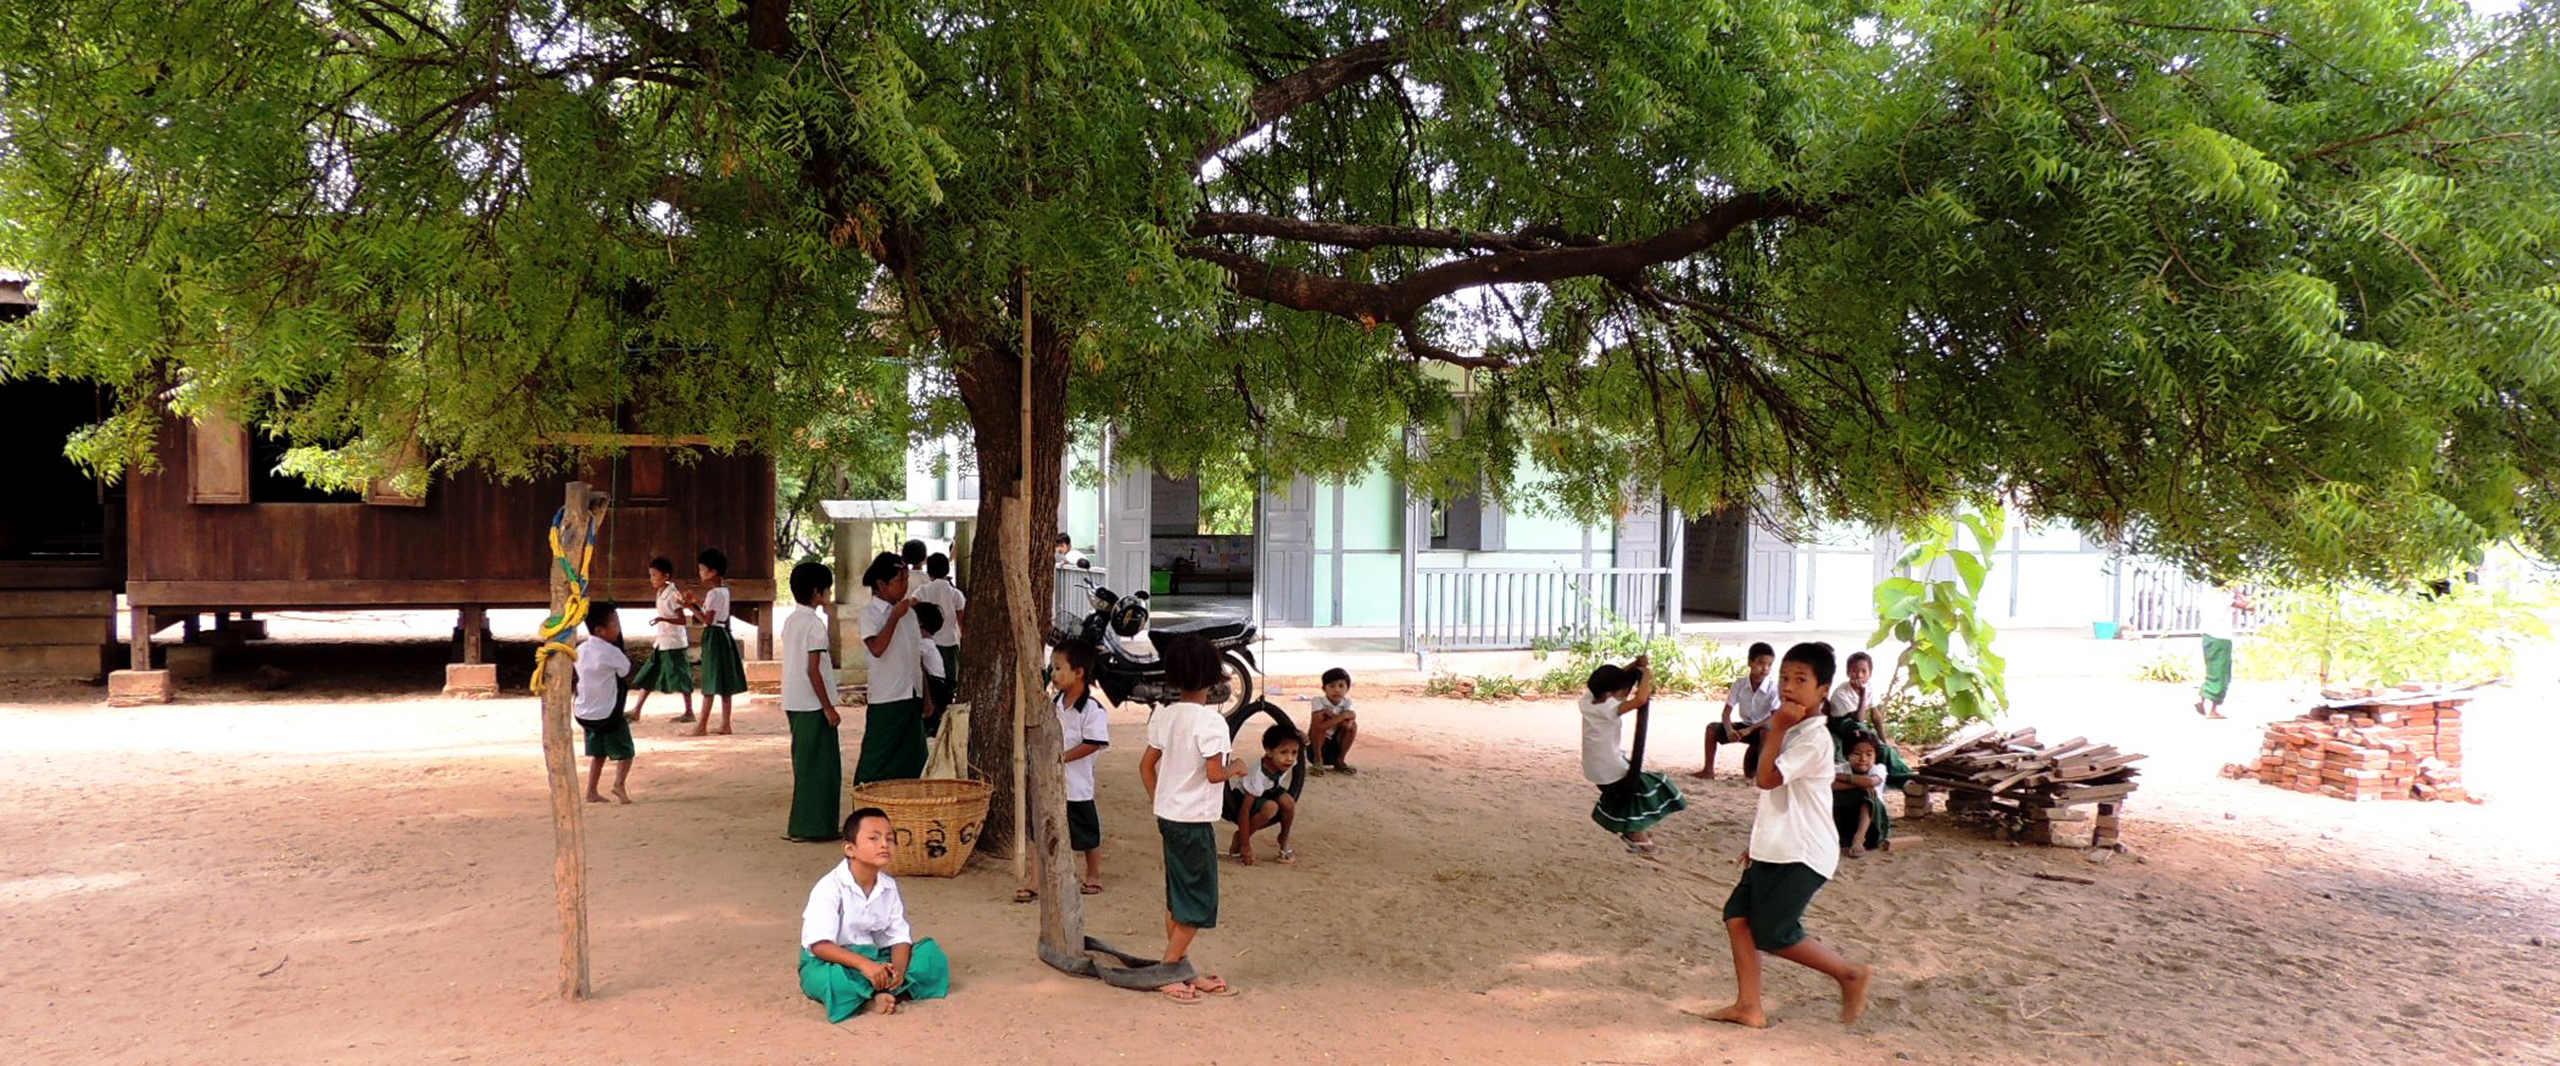 Schueler spielen auf Sandplatz vor der Taung Ba Schule in Myanmar